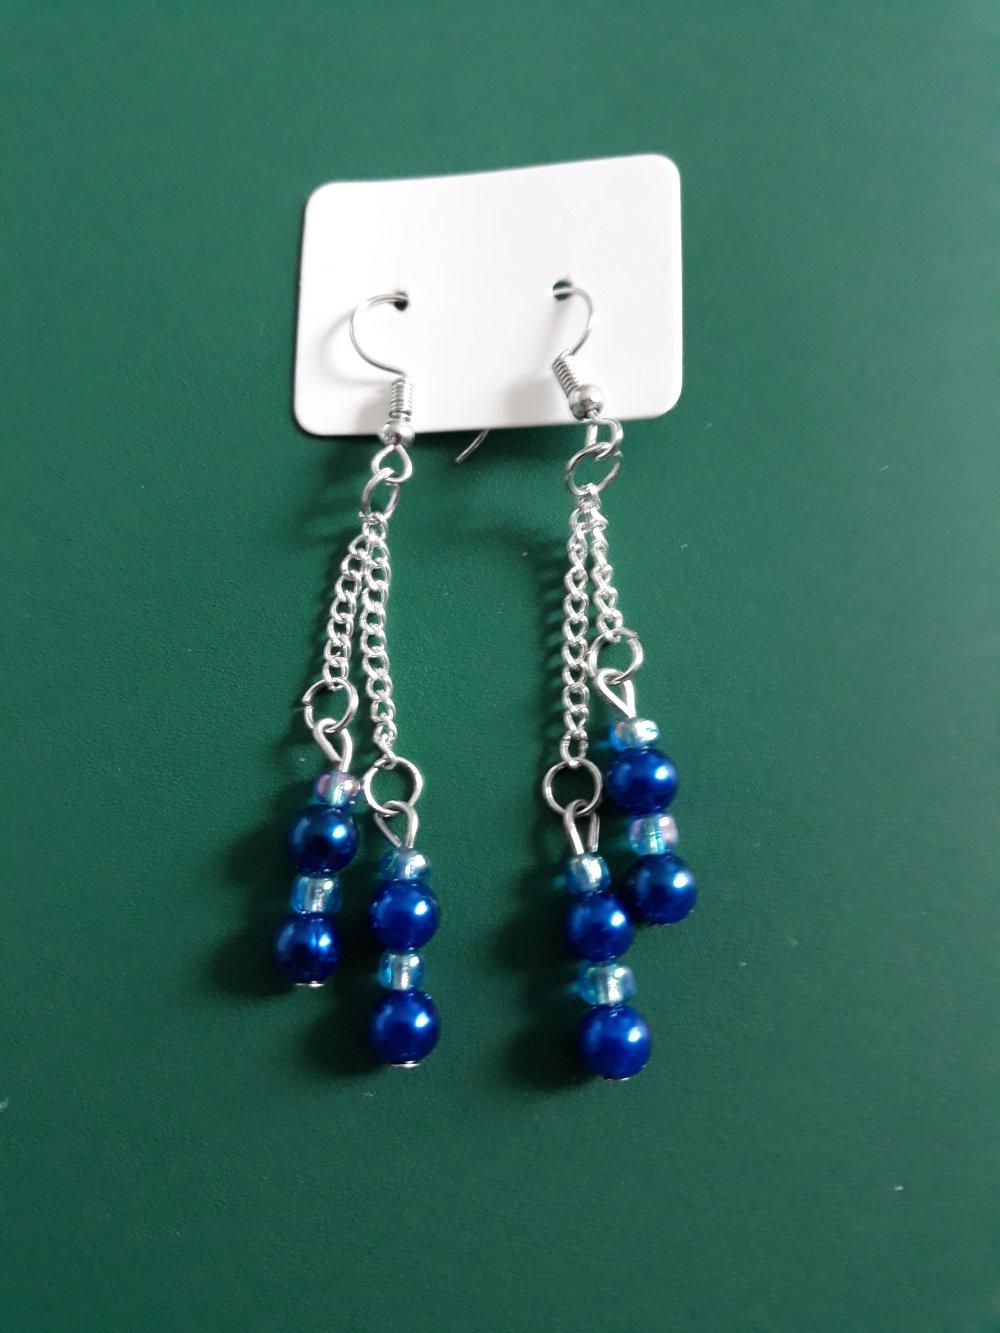 Une paire de boucles d'oreilles en métal argenté avec crochets d'oreilles